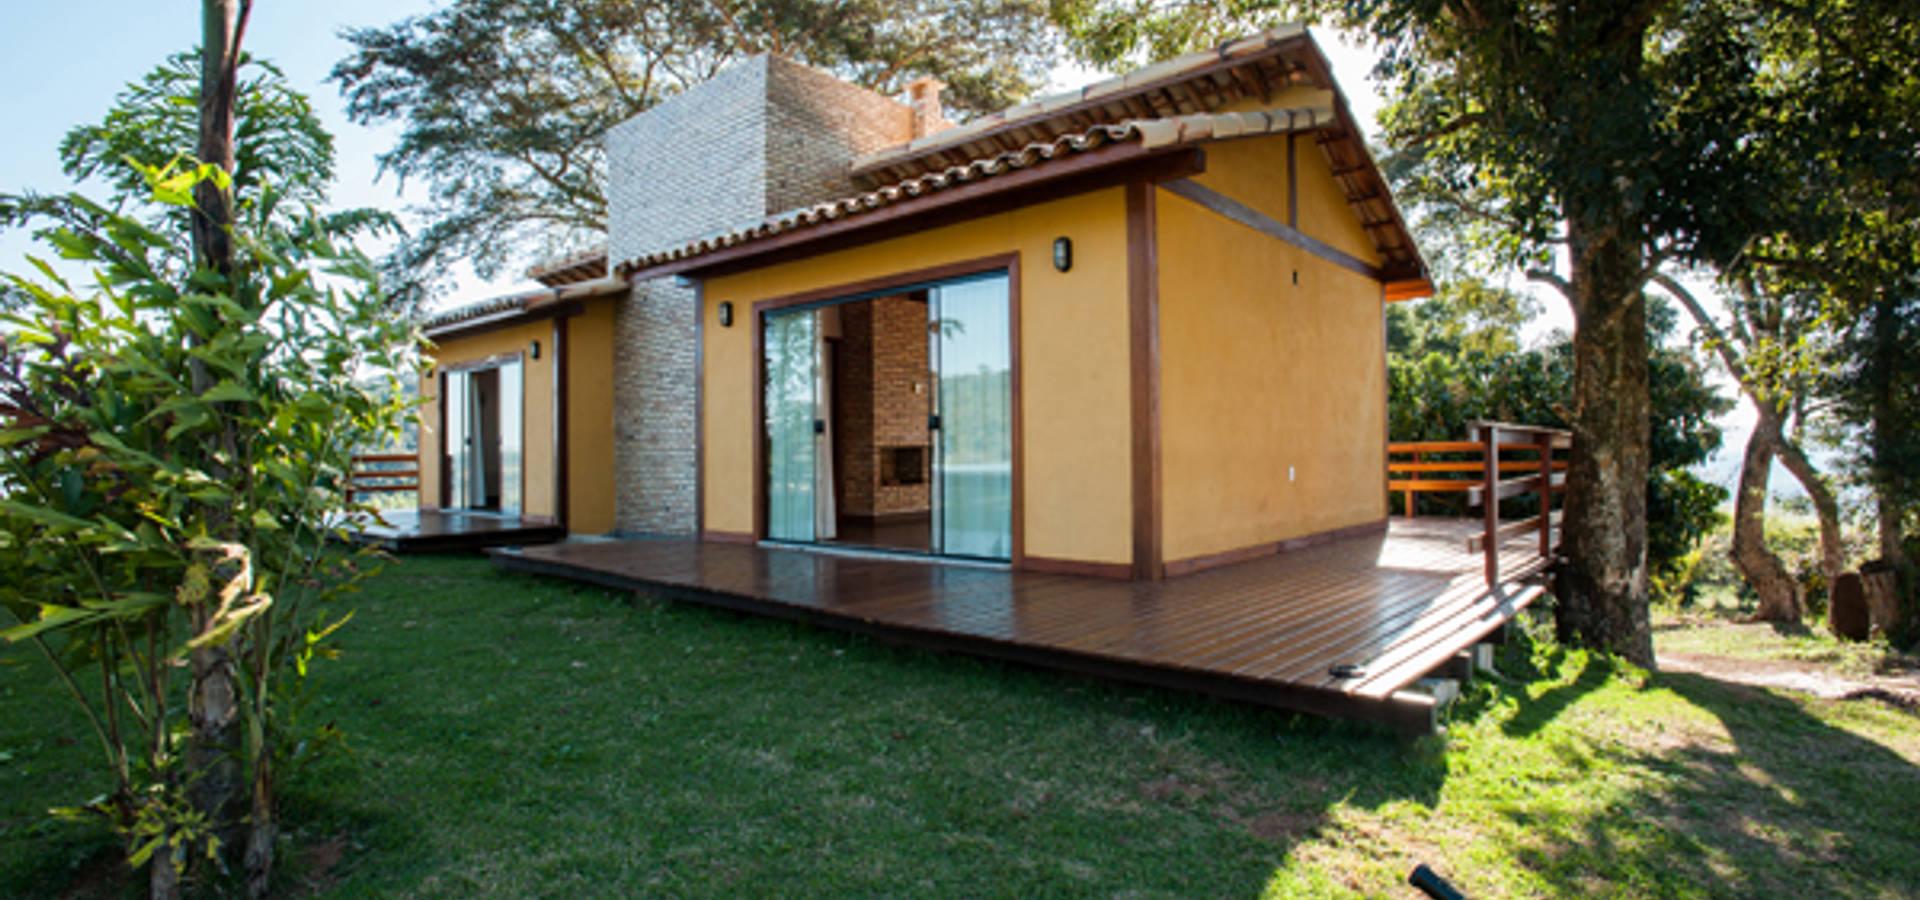 L2 Arquitetura